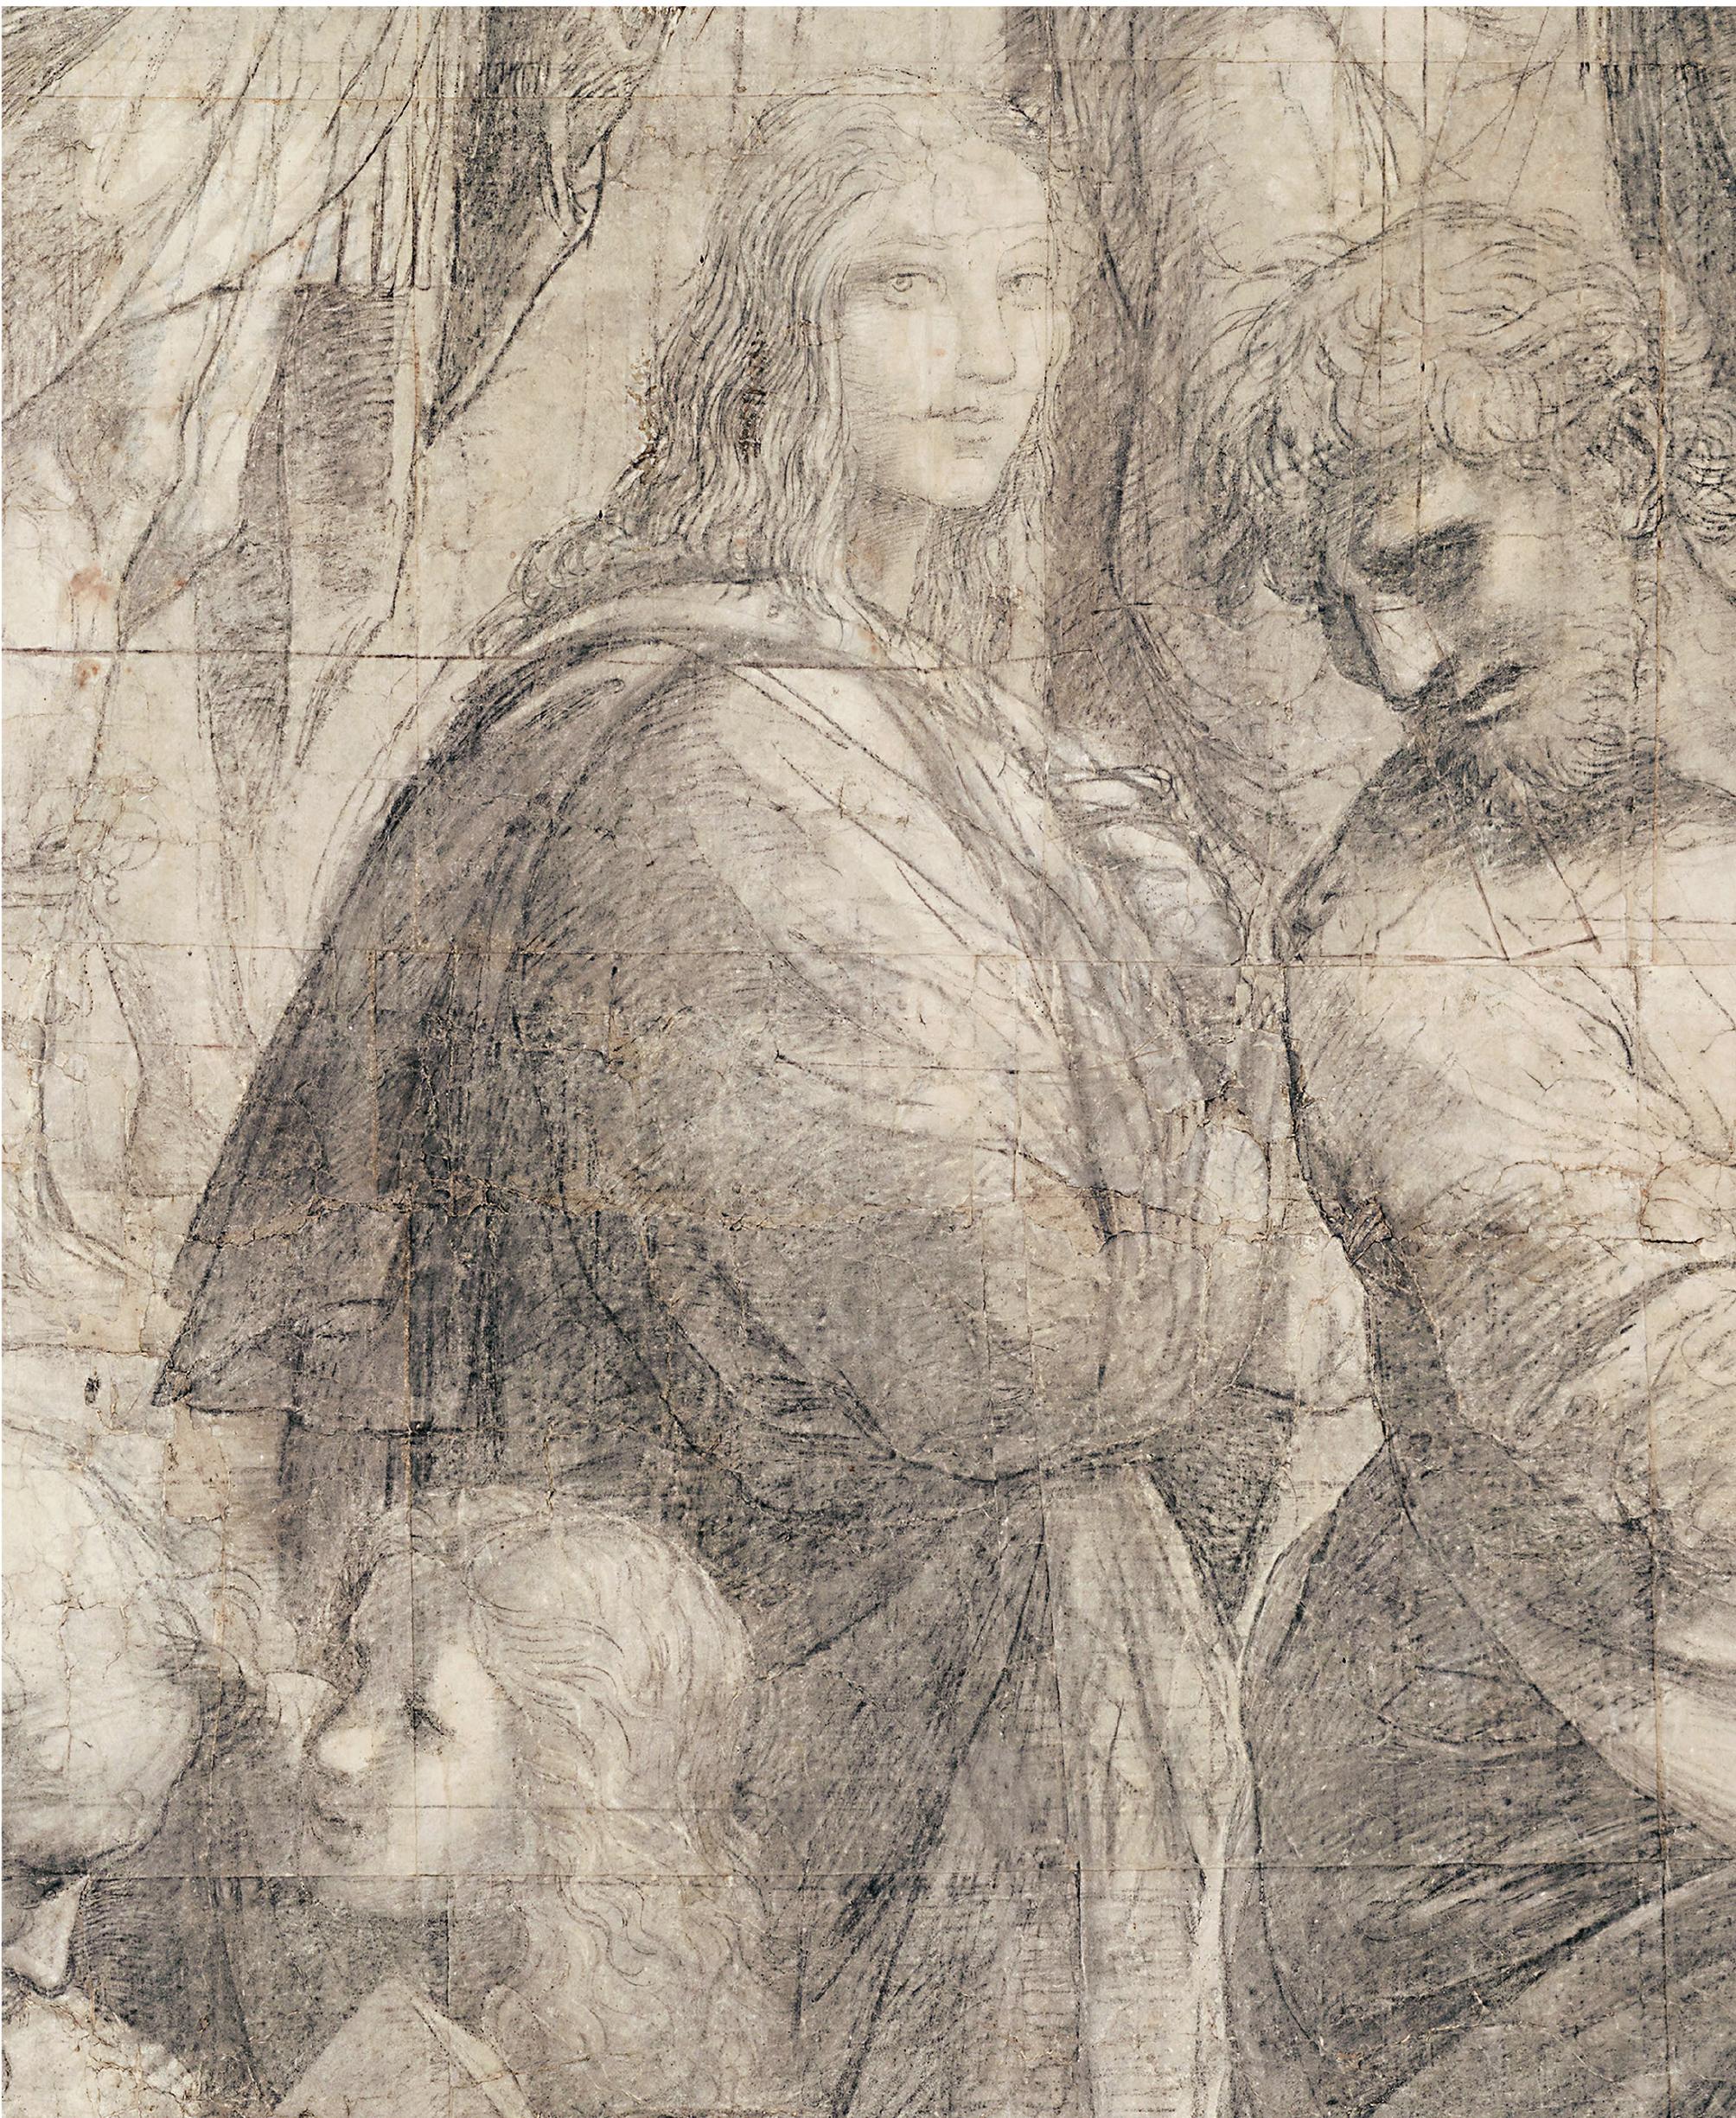 Raffaello Sanzio, Particolare, Cartone preparatorio La scuola di Atene, Pinacoteca Ambrosiana, Milano